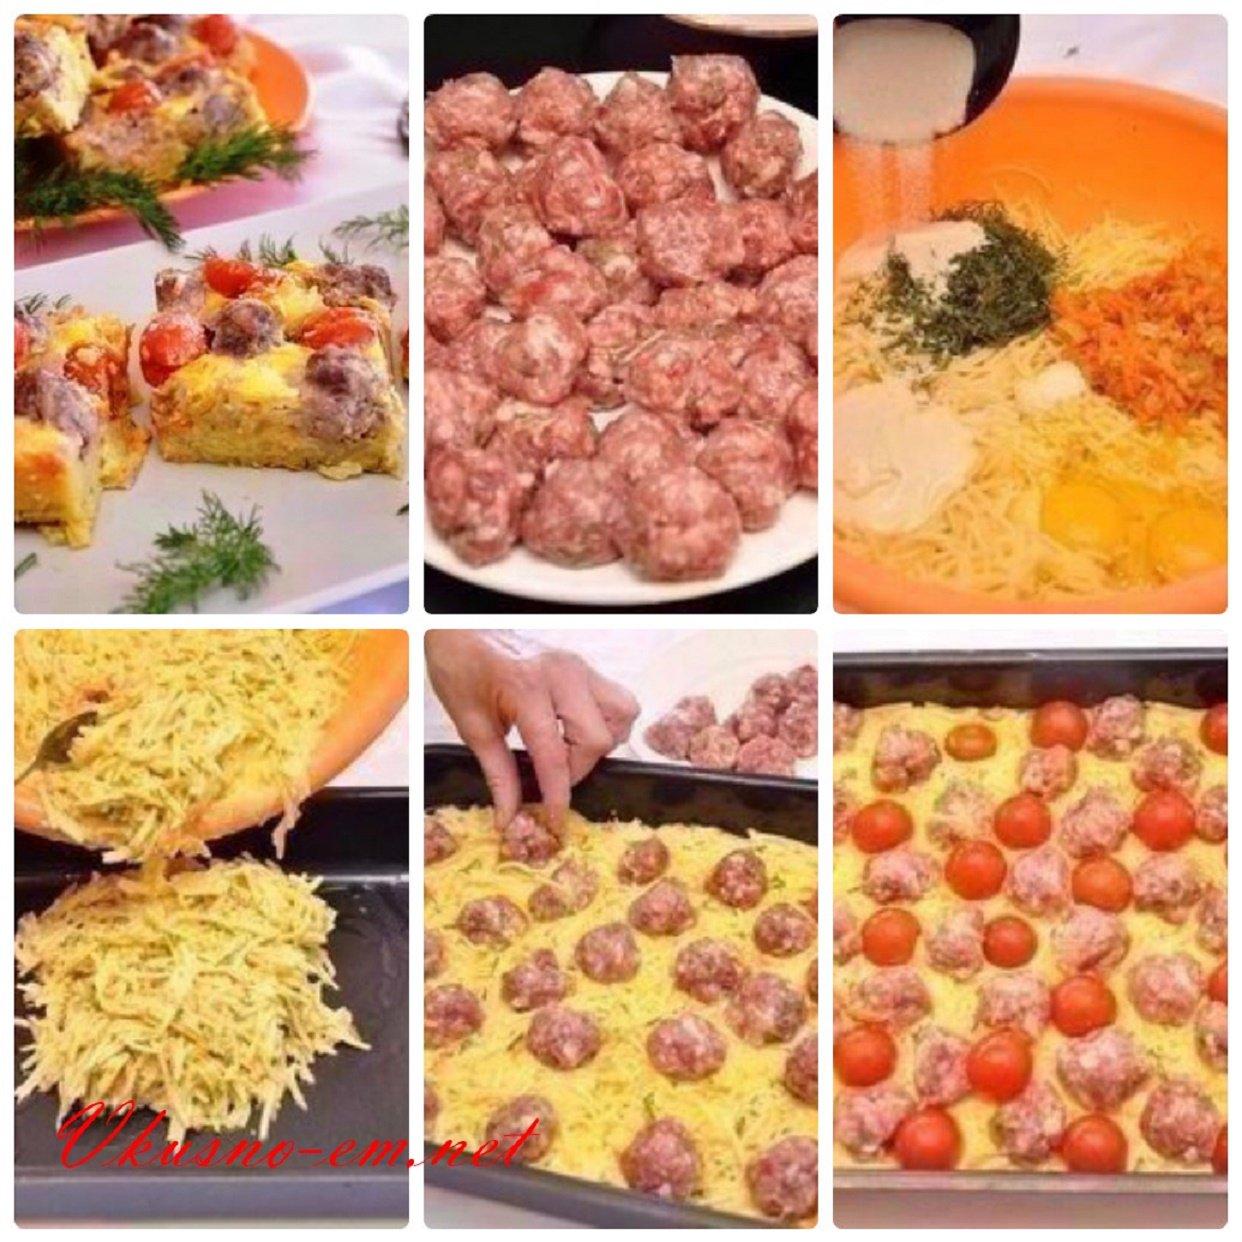 Ужин для детей. что приготовить полезное, быстро и вкусно. рецепты пошагово с фото